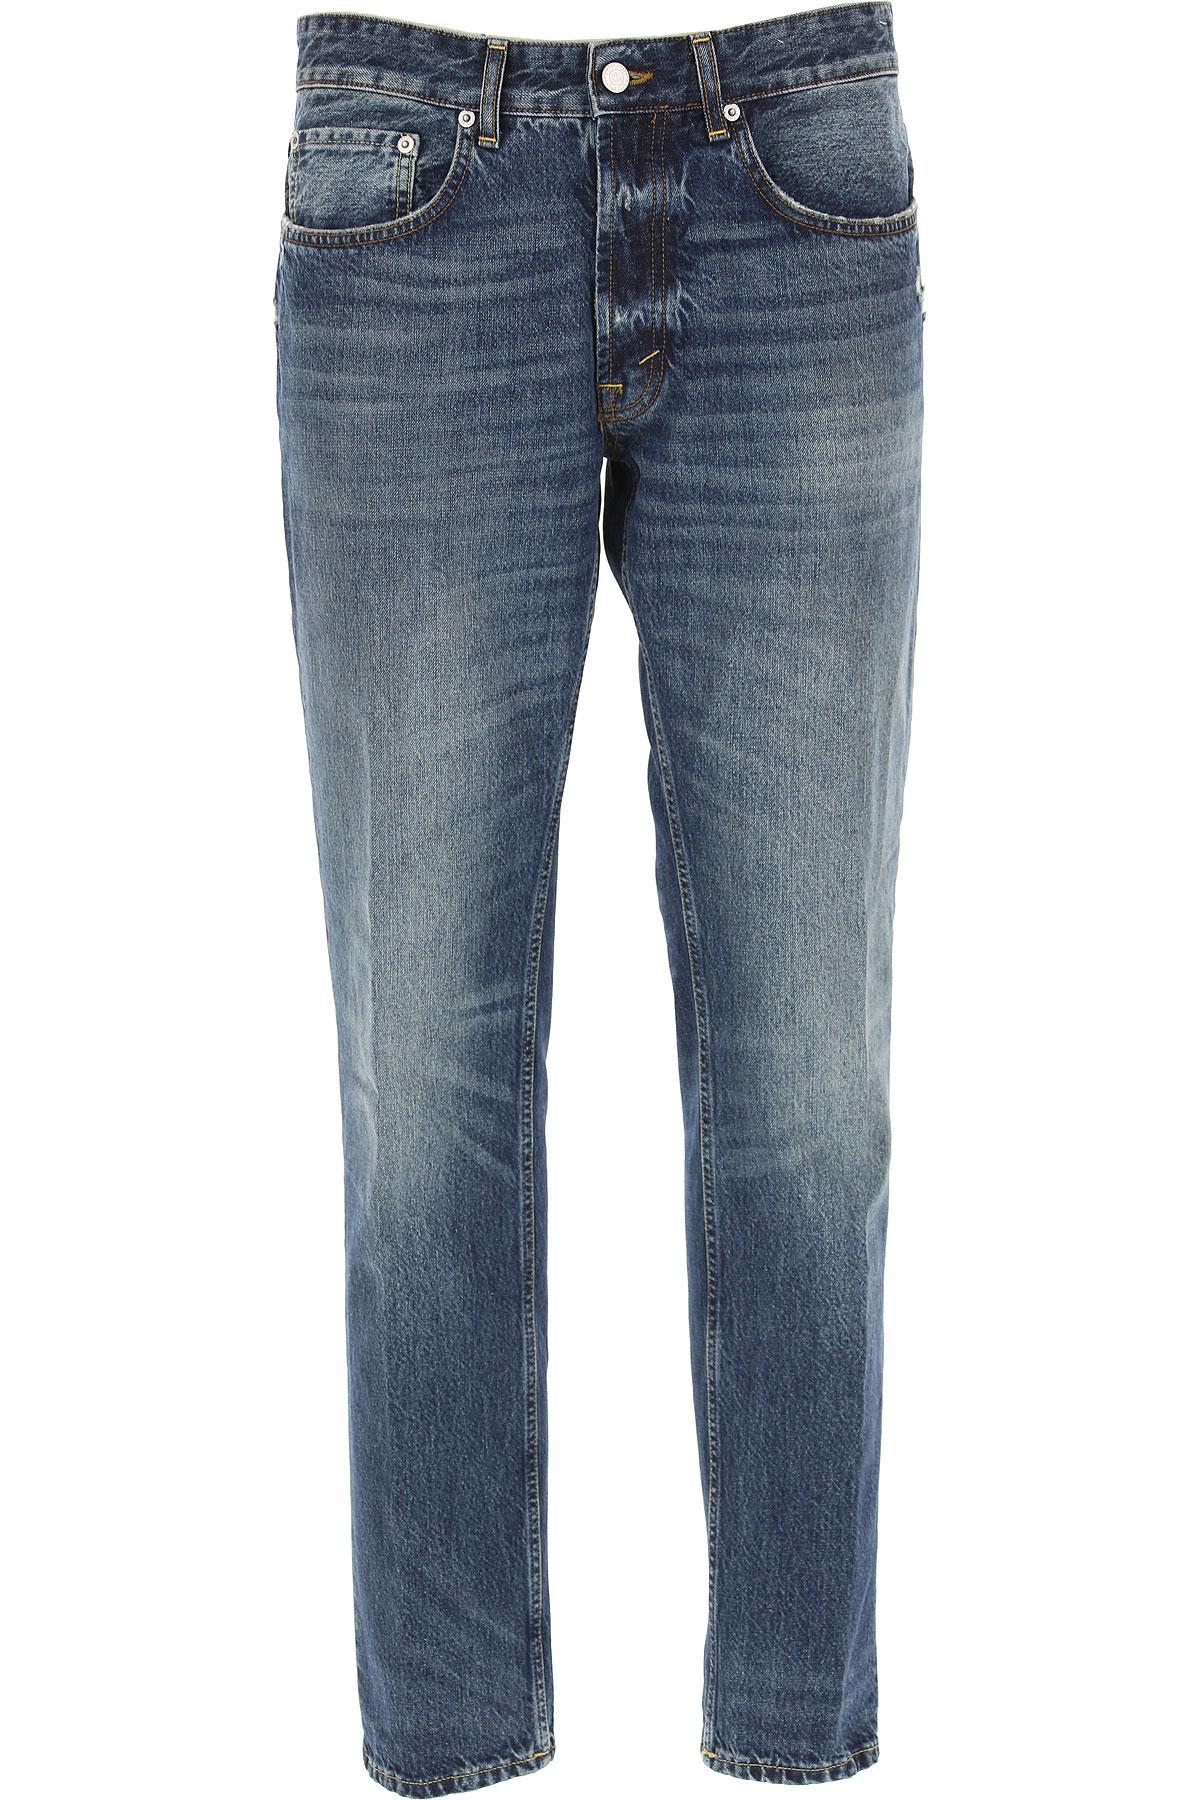 Department Five Jeans, Denim, Cotton, 2019, 32 33 34 35